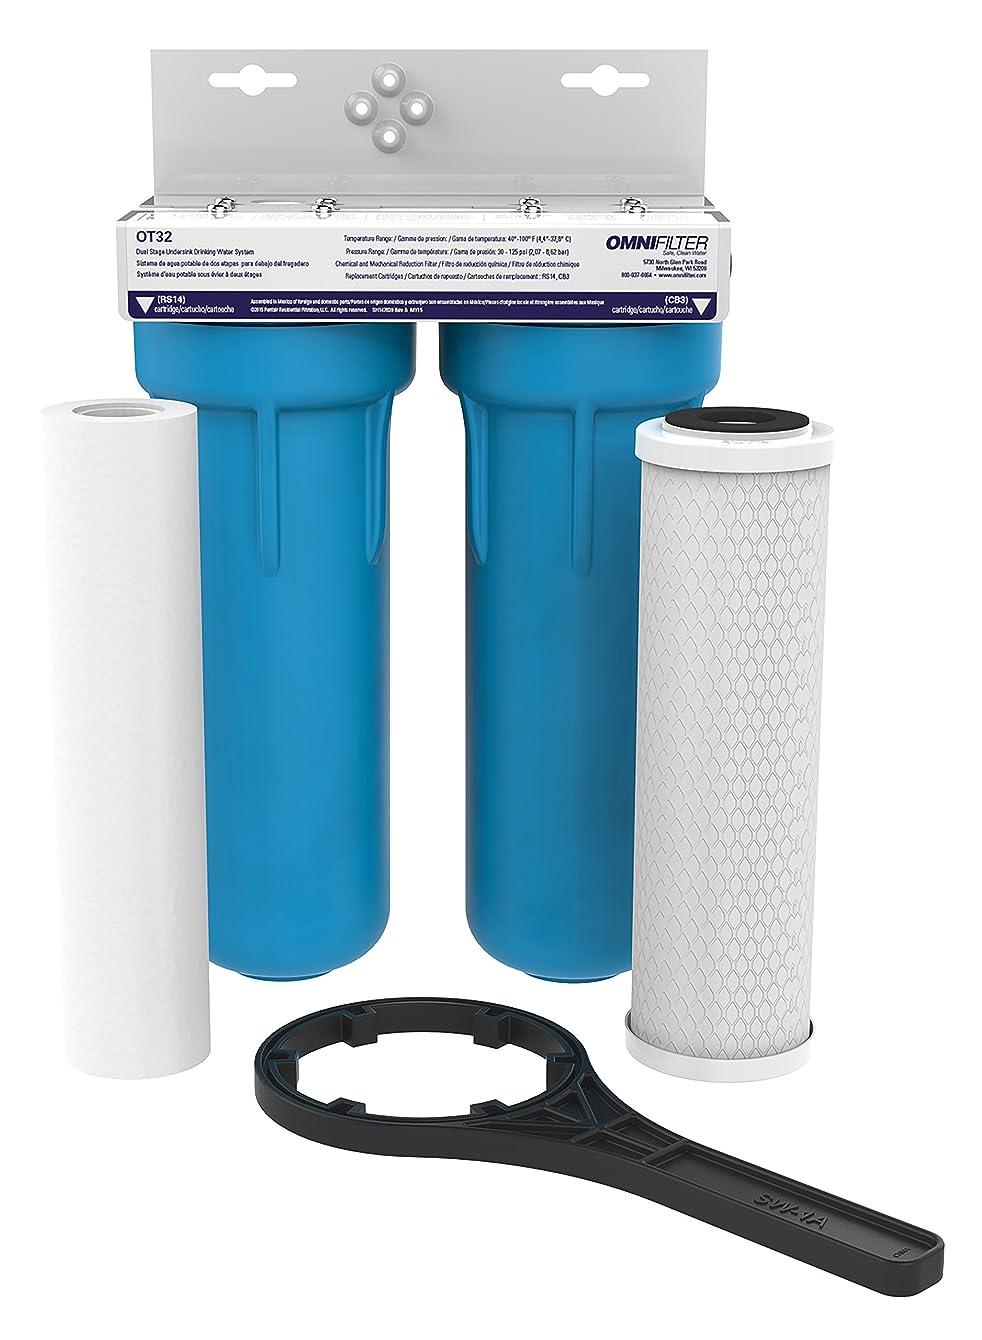 OMNI/Pentair OT32-S-05 OMNIFilter Drop-in Undersink Filter OT32, White/Blue - OT32-S-S06 tufdfohvfmokz88